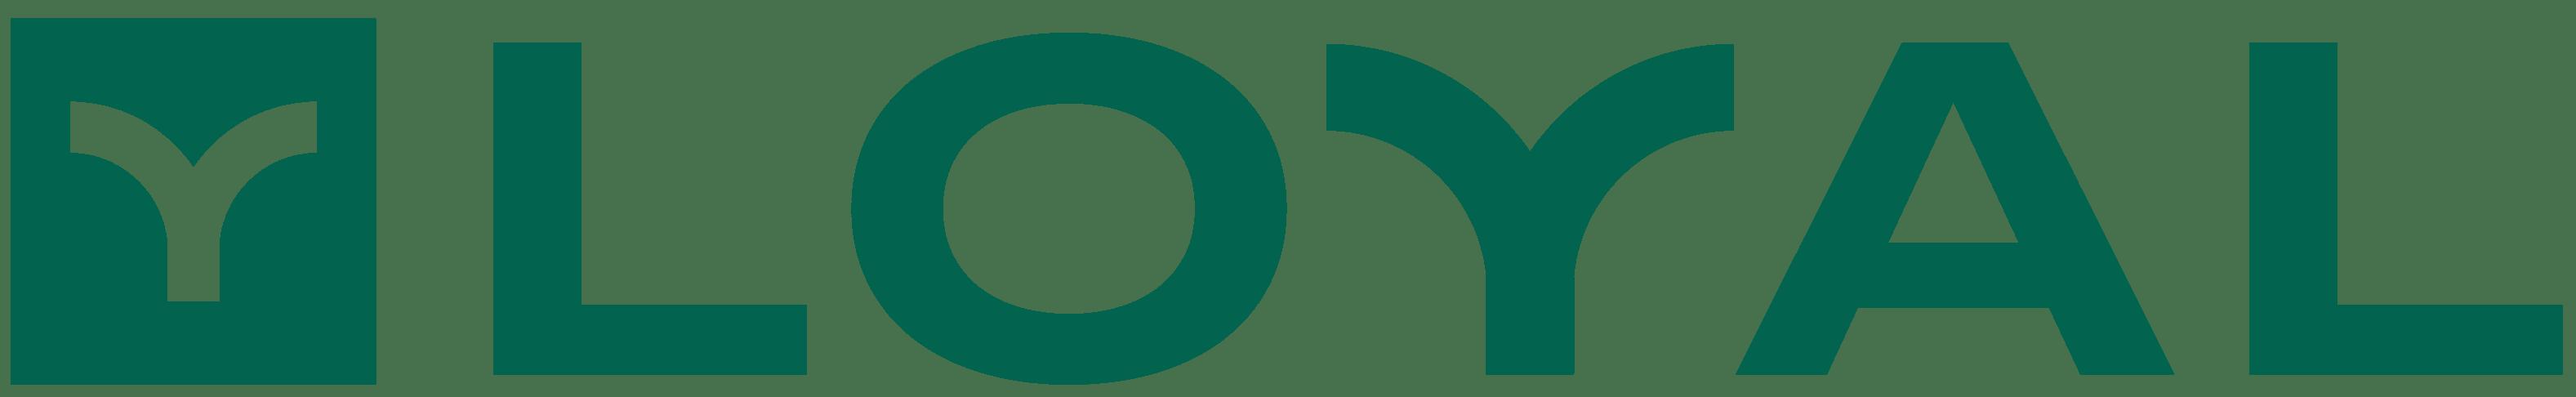 Loyal VC logo